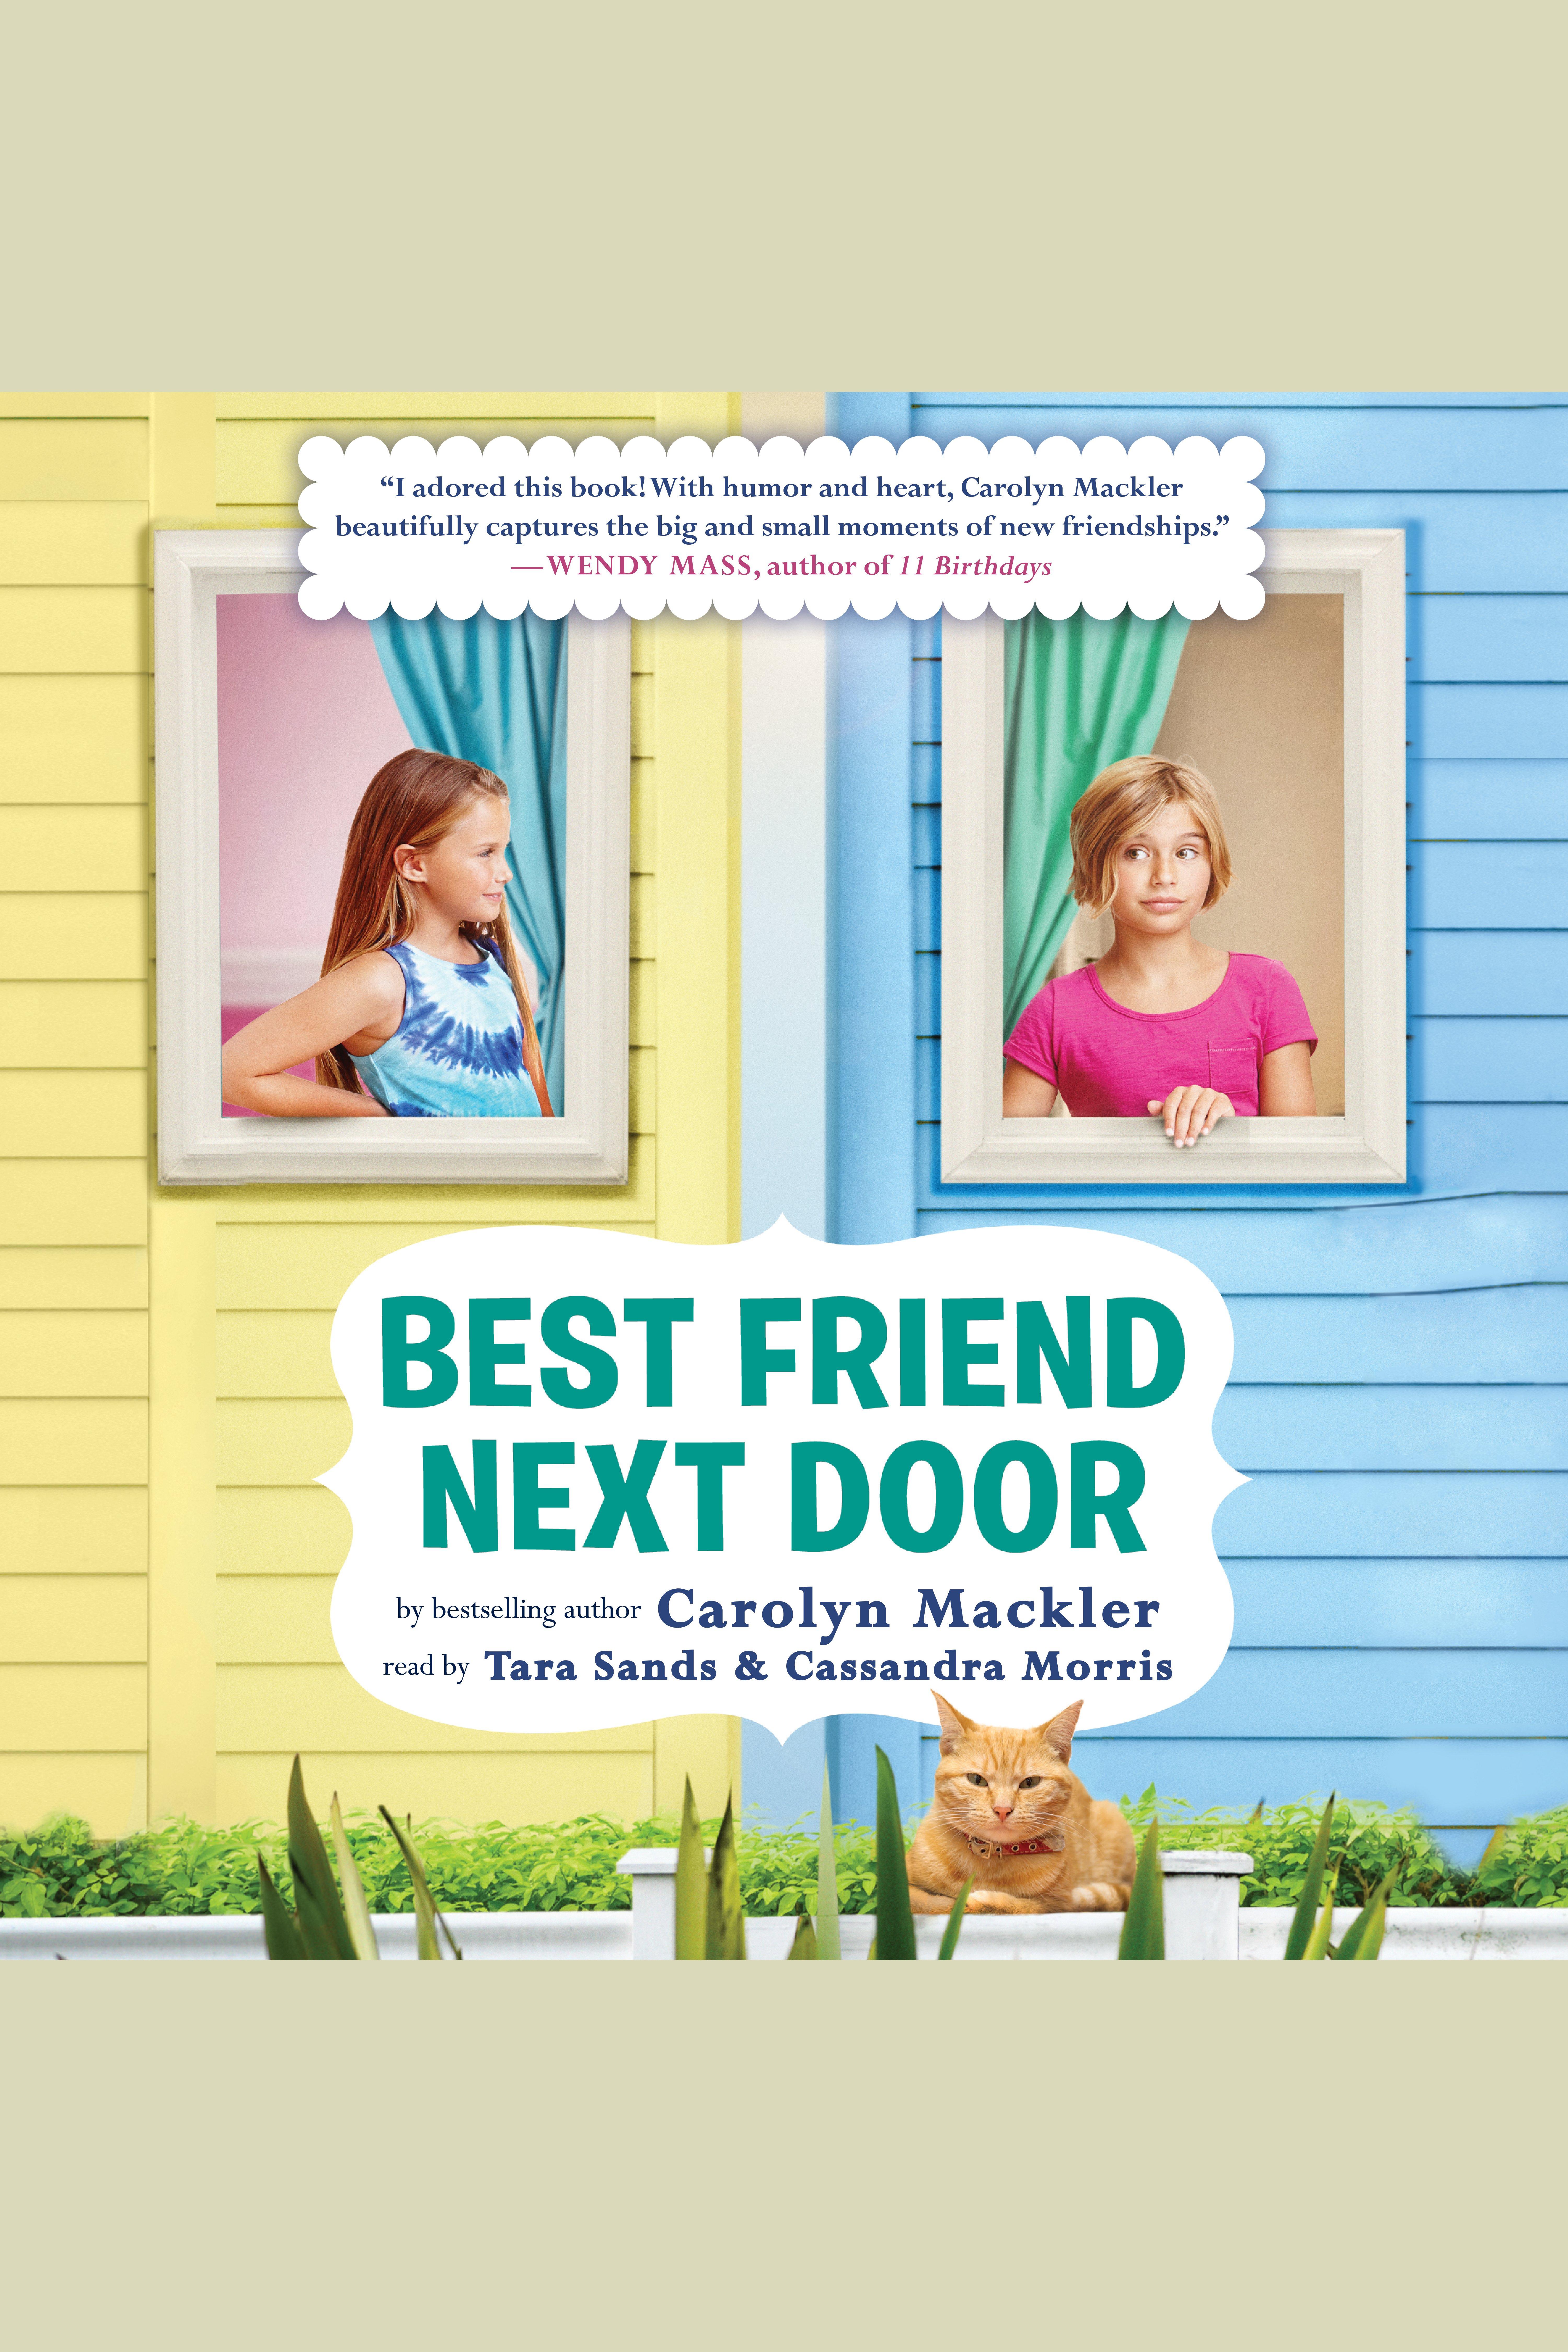 Best friend next door cover image